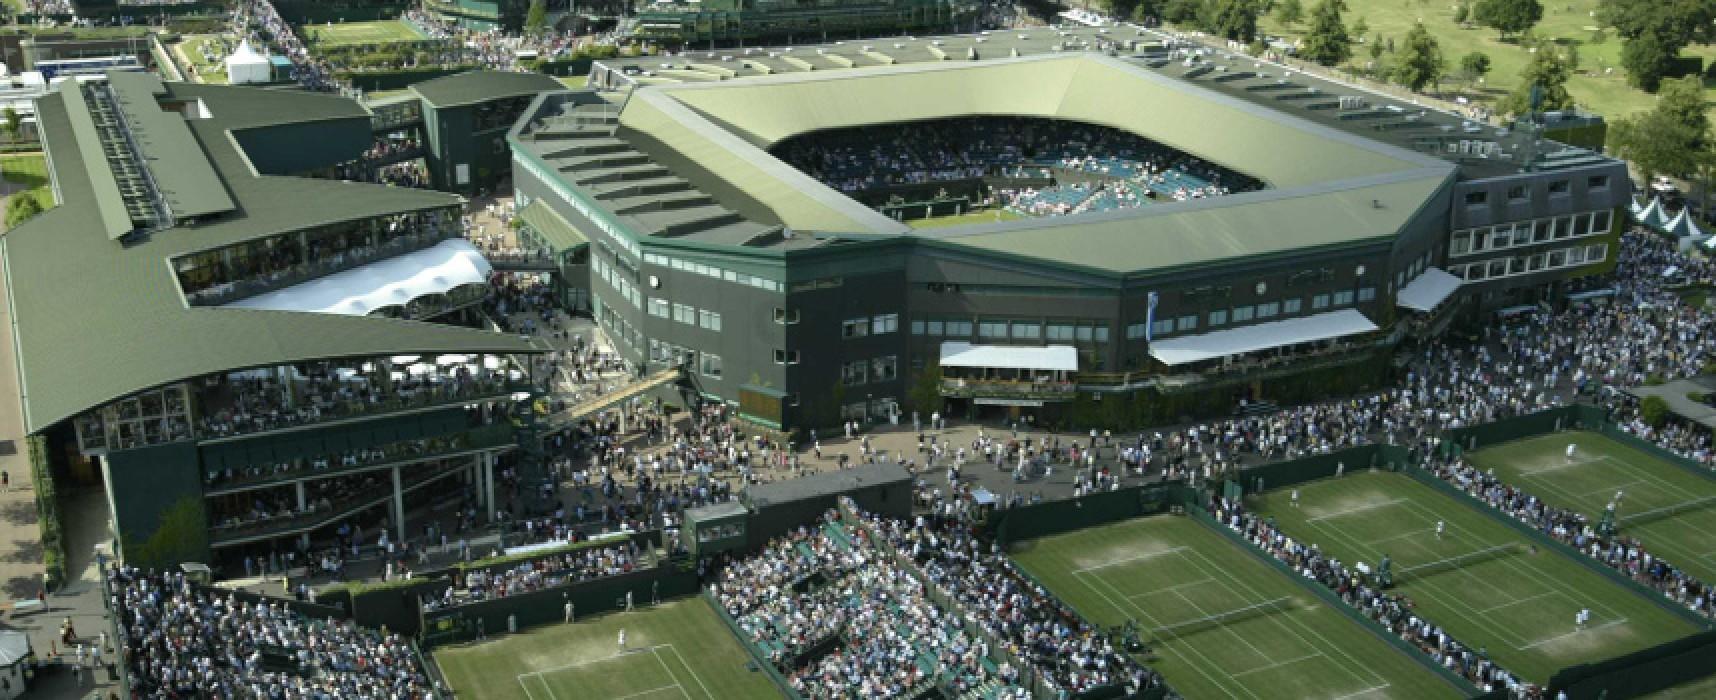 Si aprono le porte di Wimbledon per Andrea Pellegrino